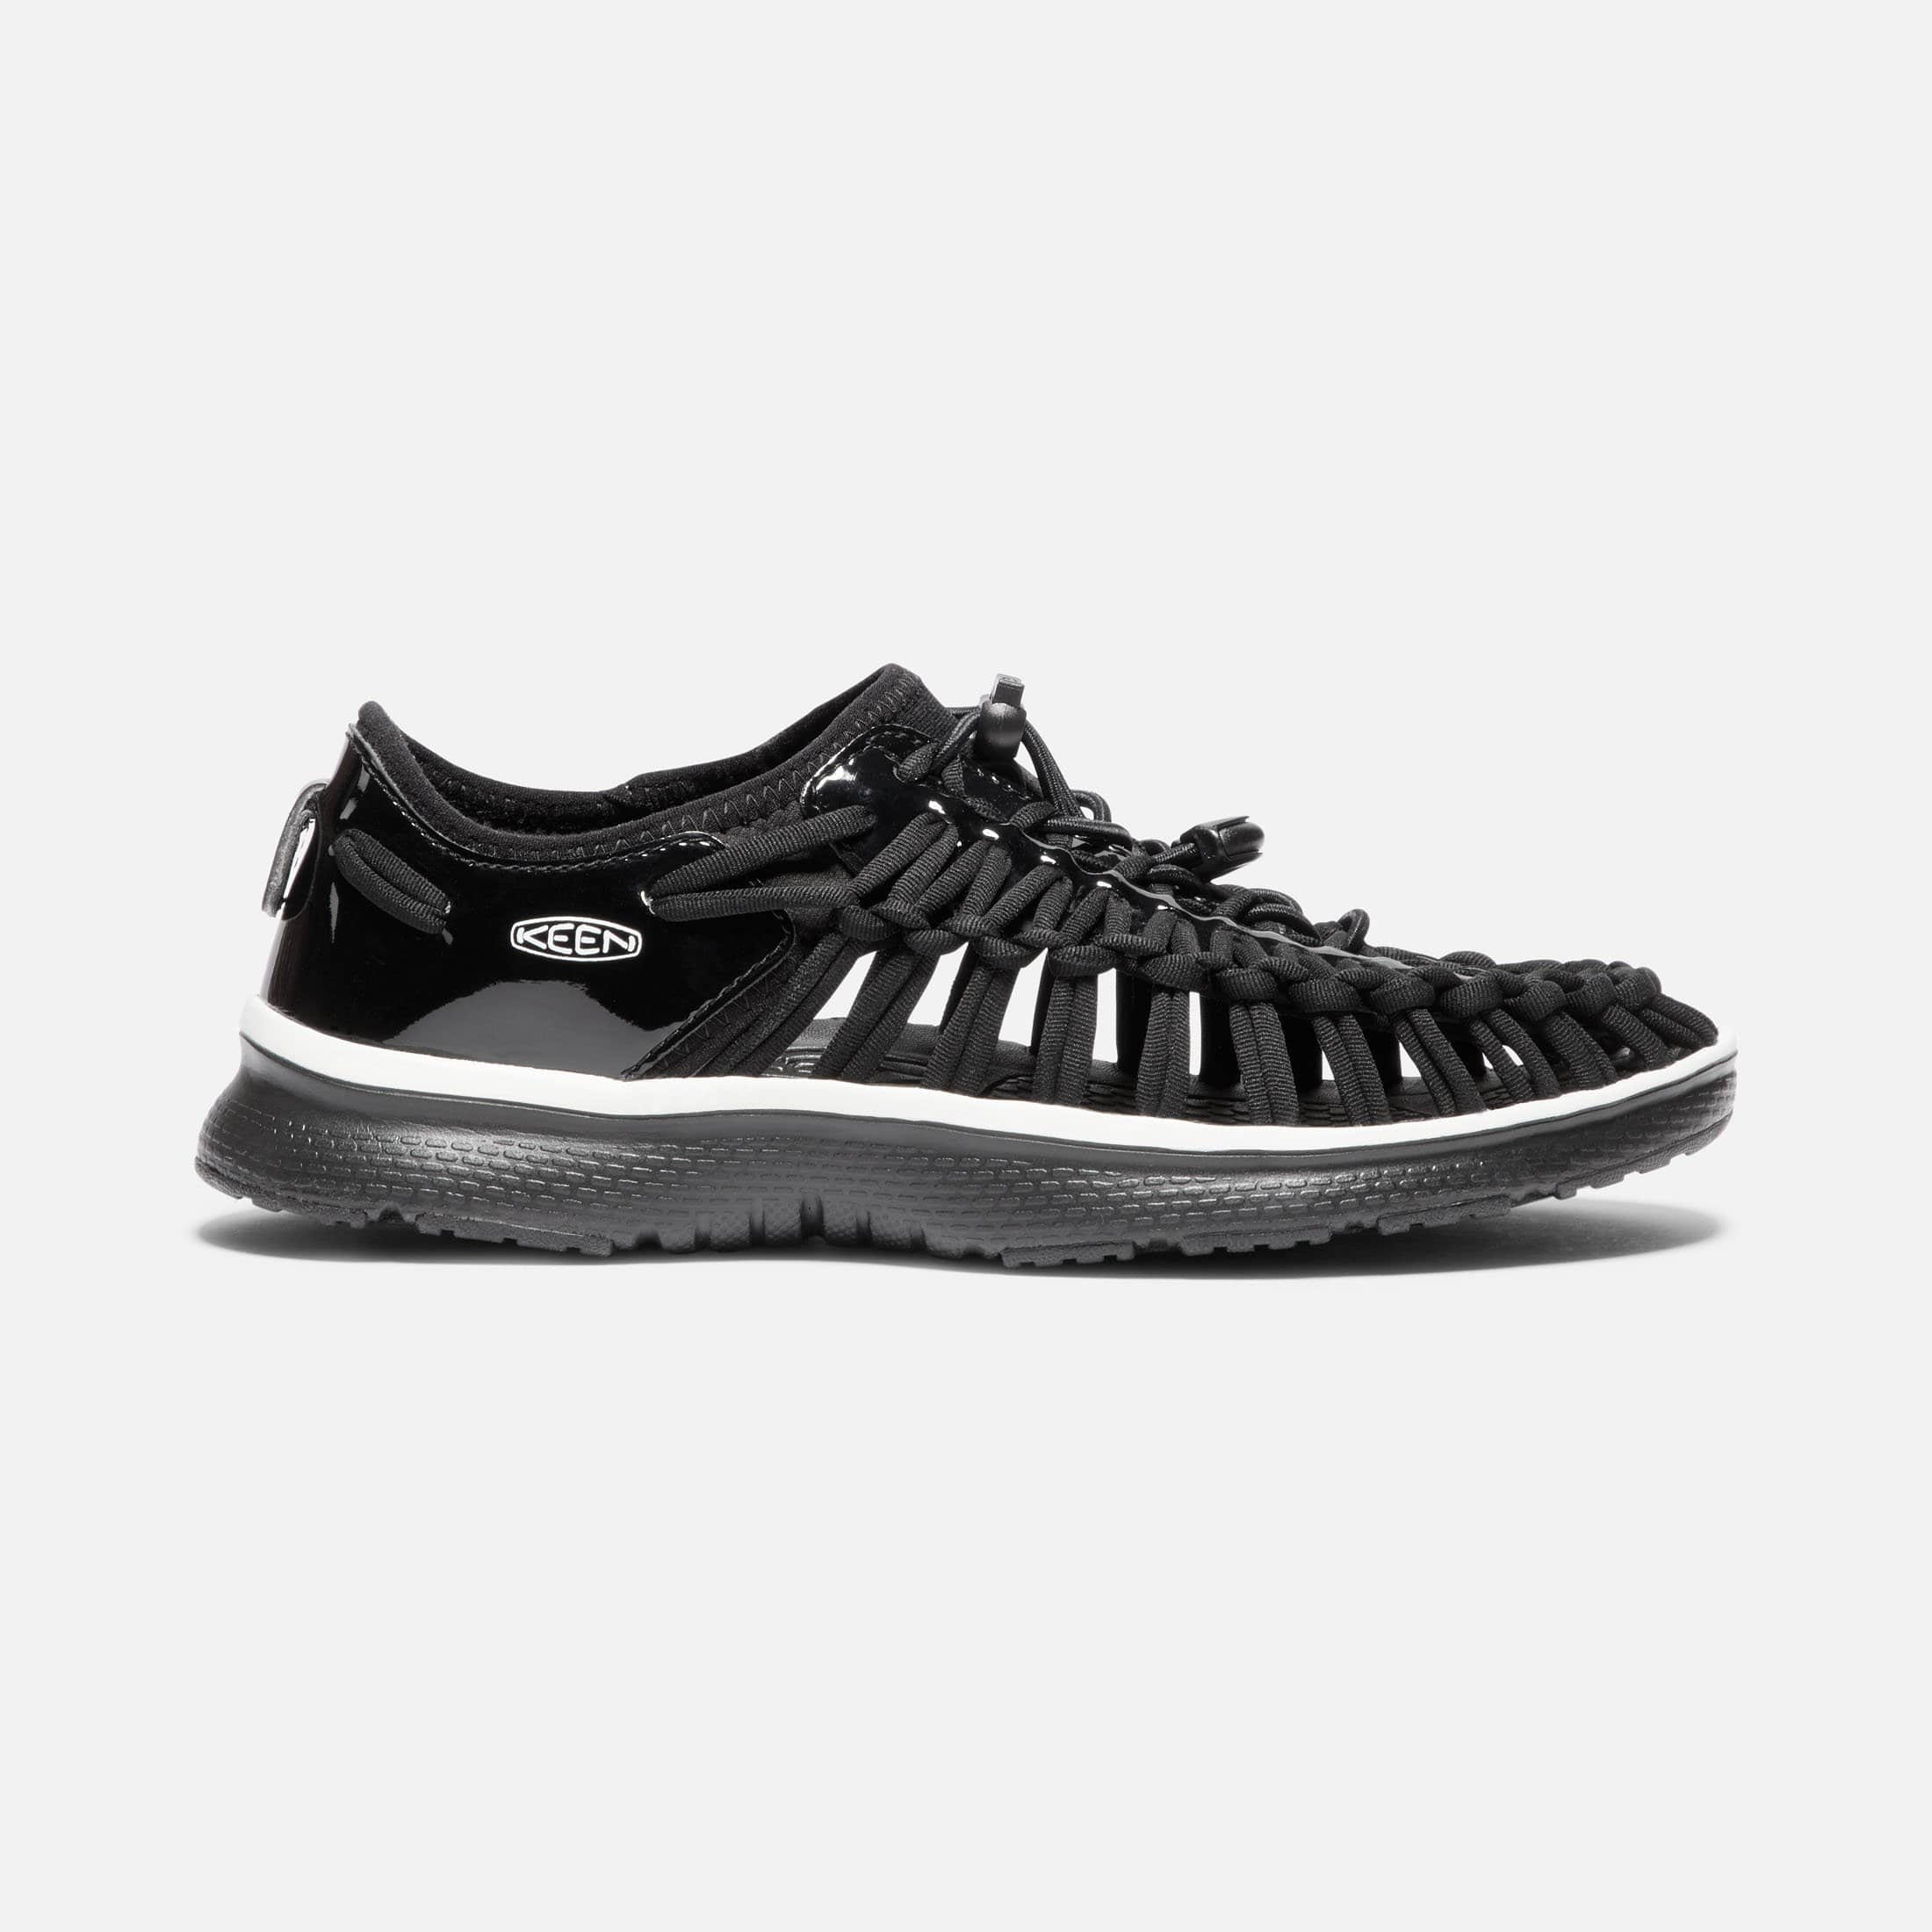 Keen Footwear 50% Off Select Styles UNEEK 02 Takashi Imai Sneaker/Sandal $45.99 + Free S/H